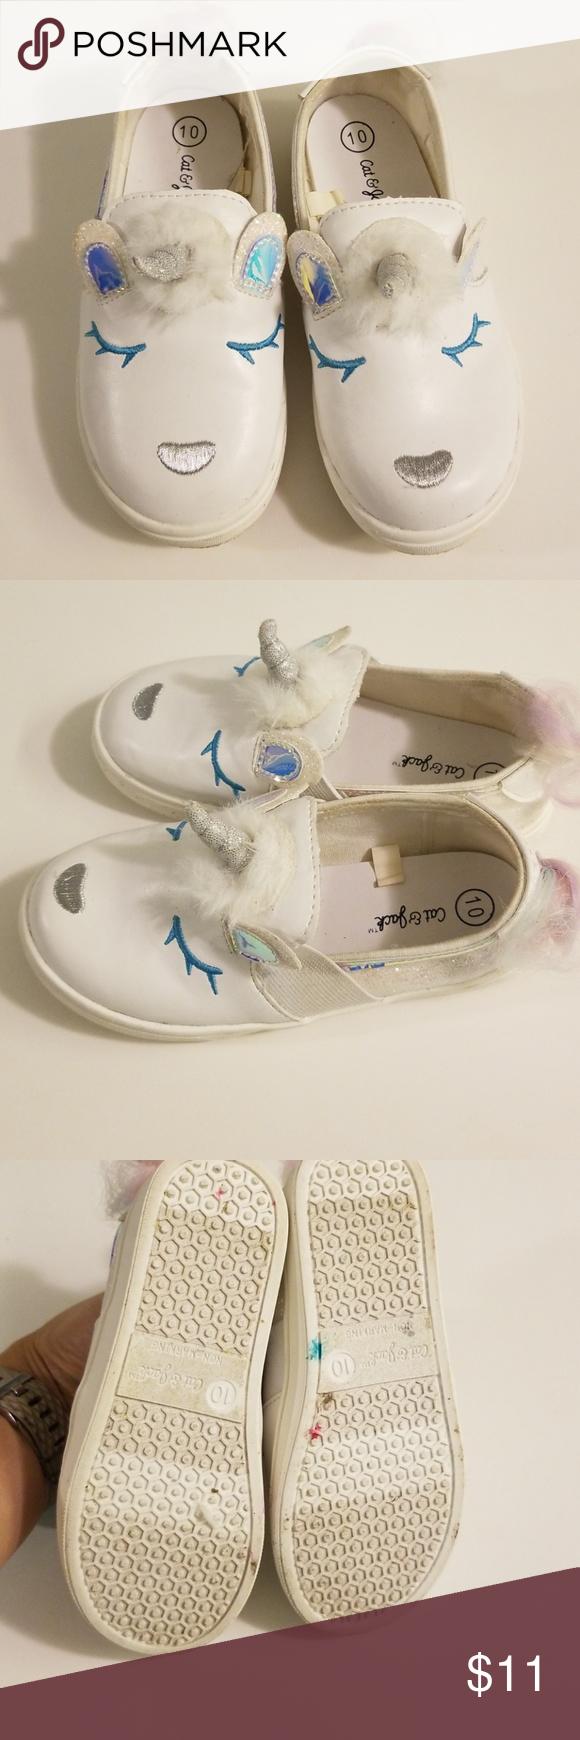 Jack Unicorn Slip-on Toddler Shoes Size